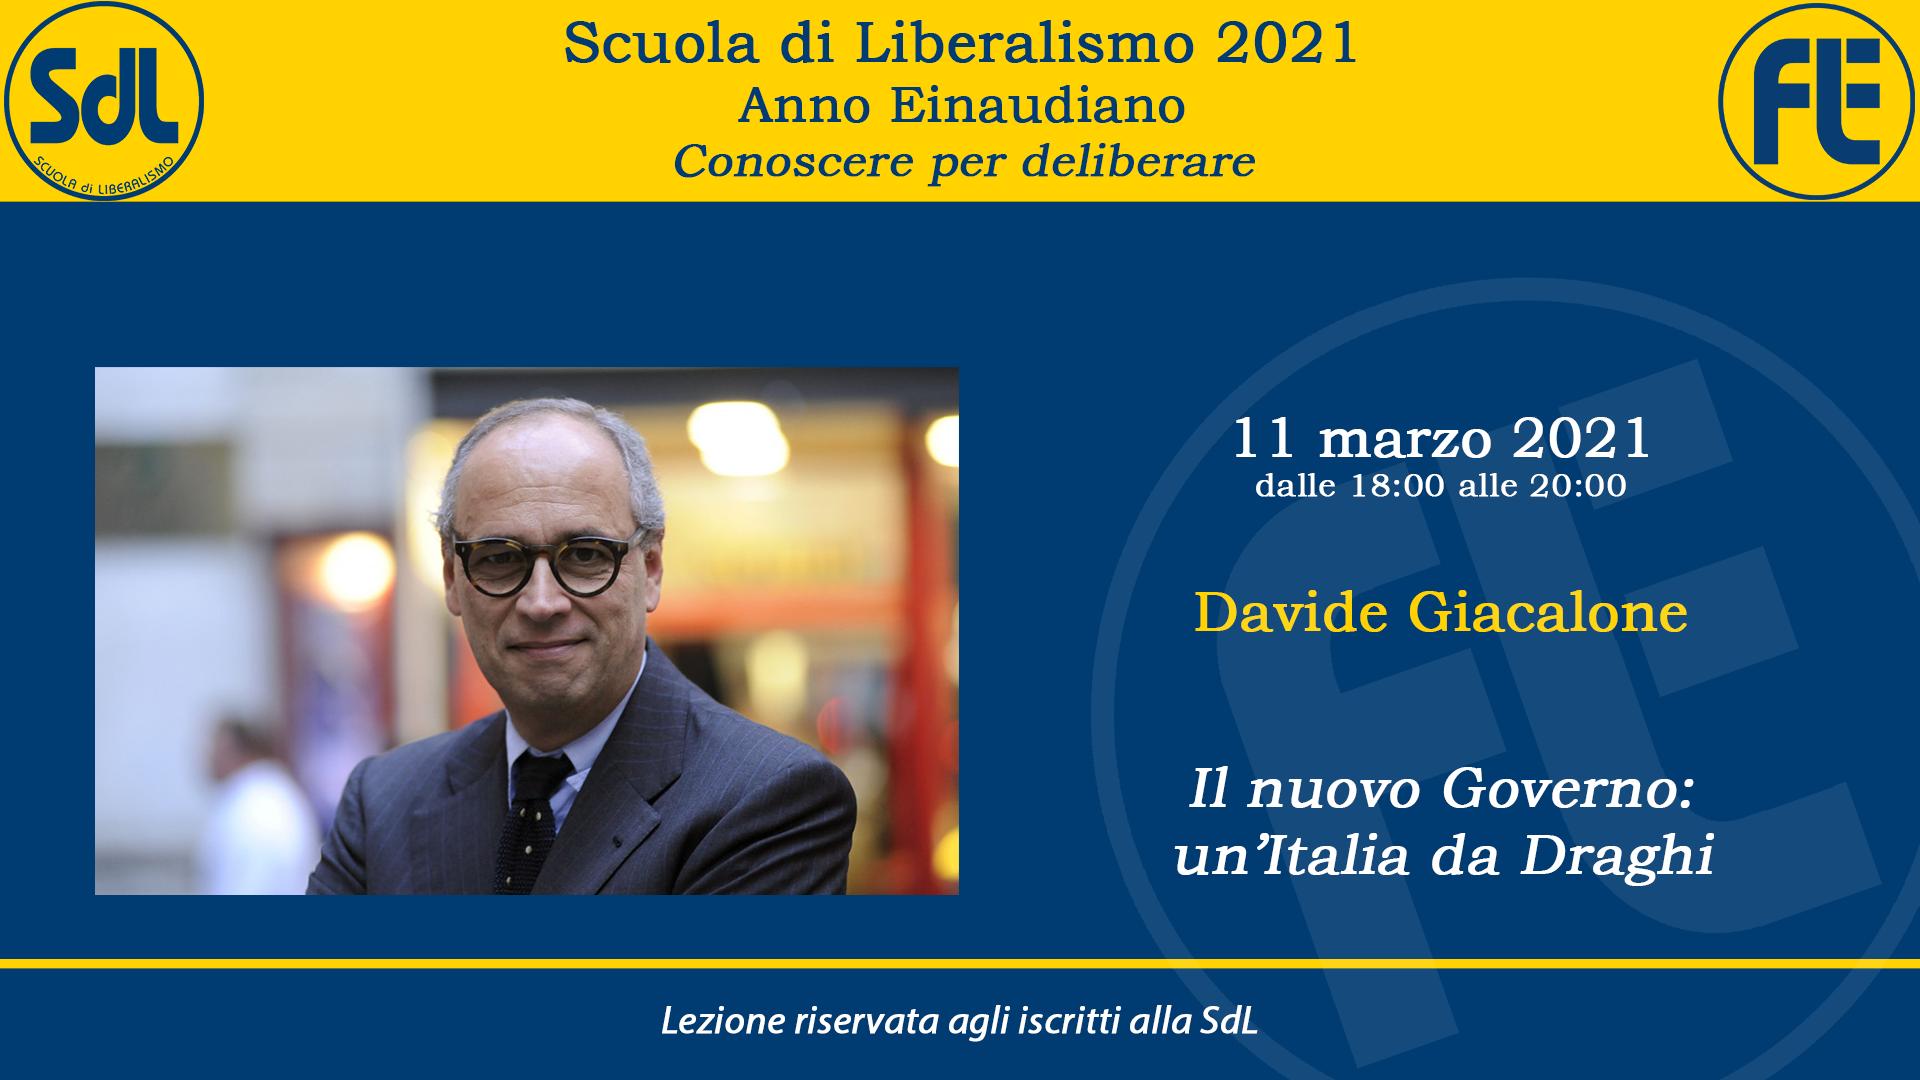 Scuola di Liberalismo 2021: 11 marzo lezione di Davide Giacalone